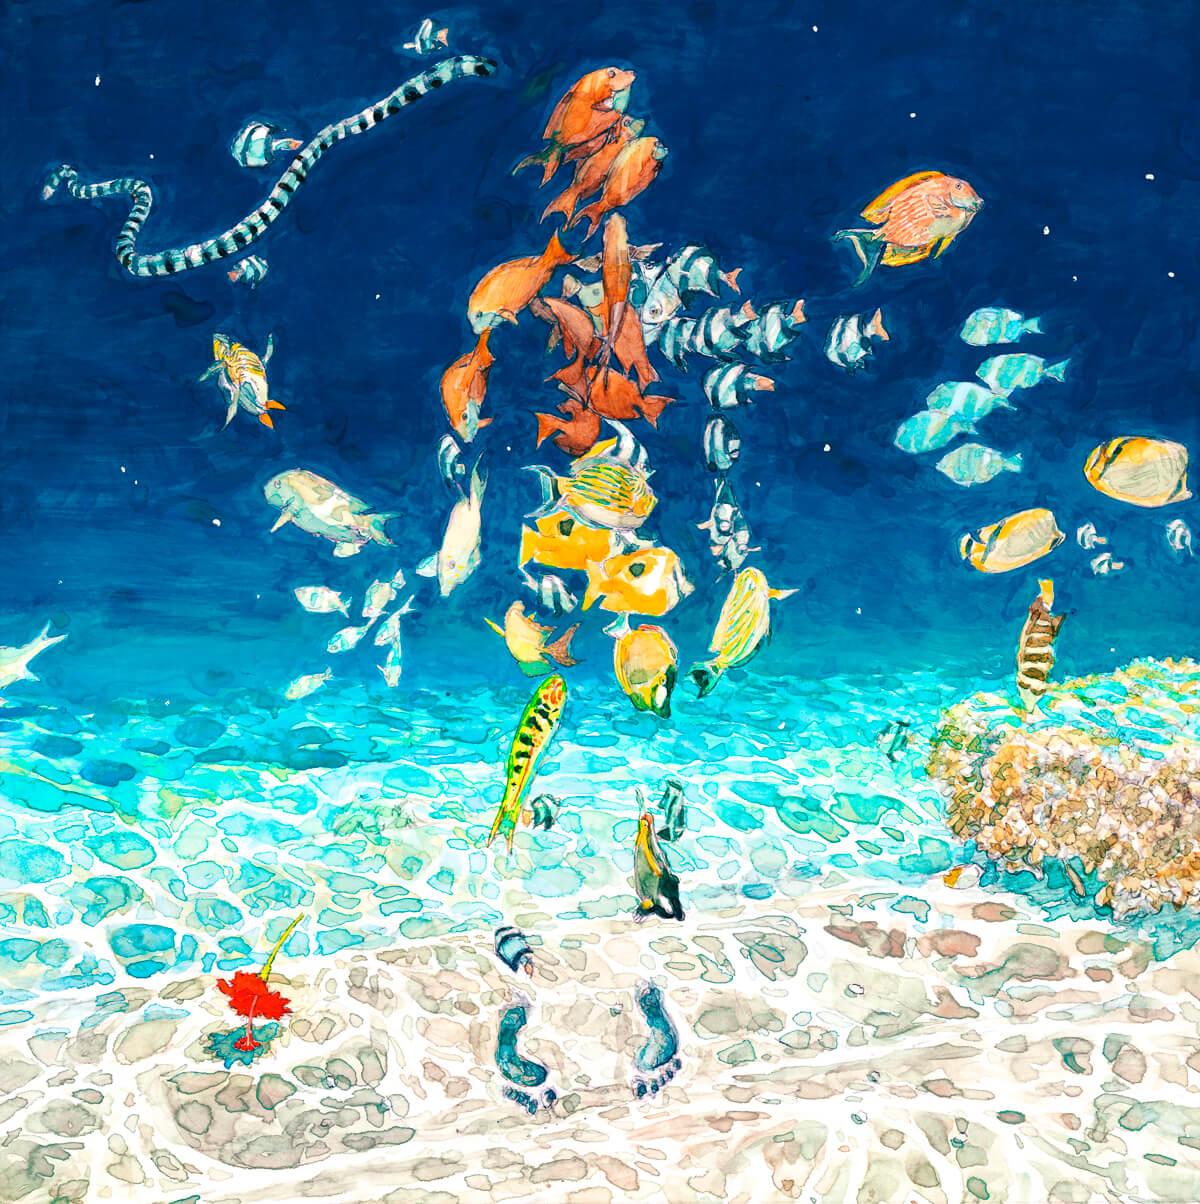 米津玄師「Flamingo」MVが8作品目の億超|「Lemon」は日本人アーティスト最多の4億再生 music190612_yonezukenshi_1